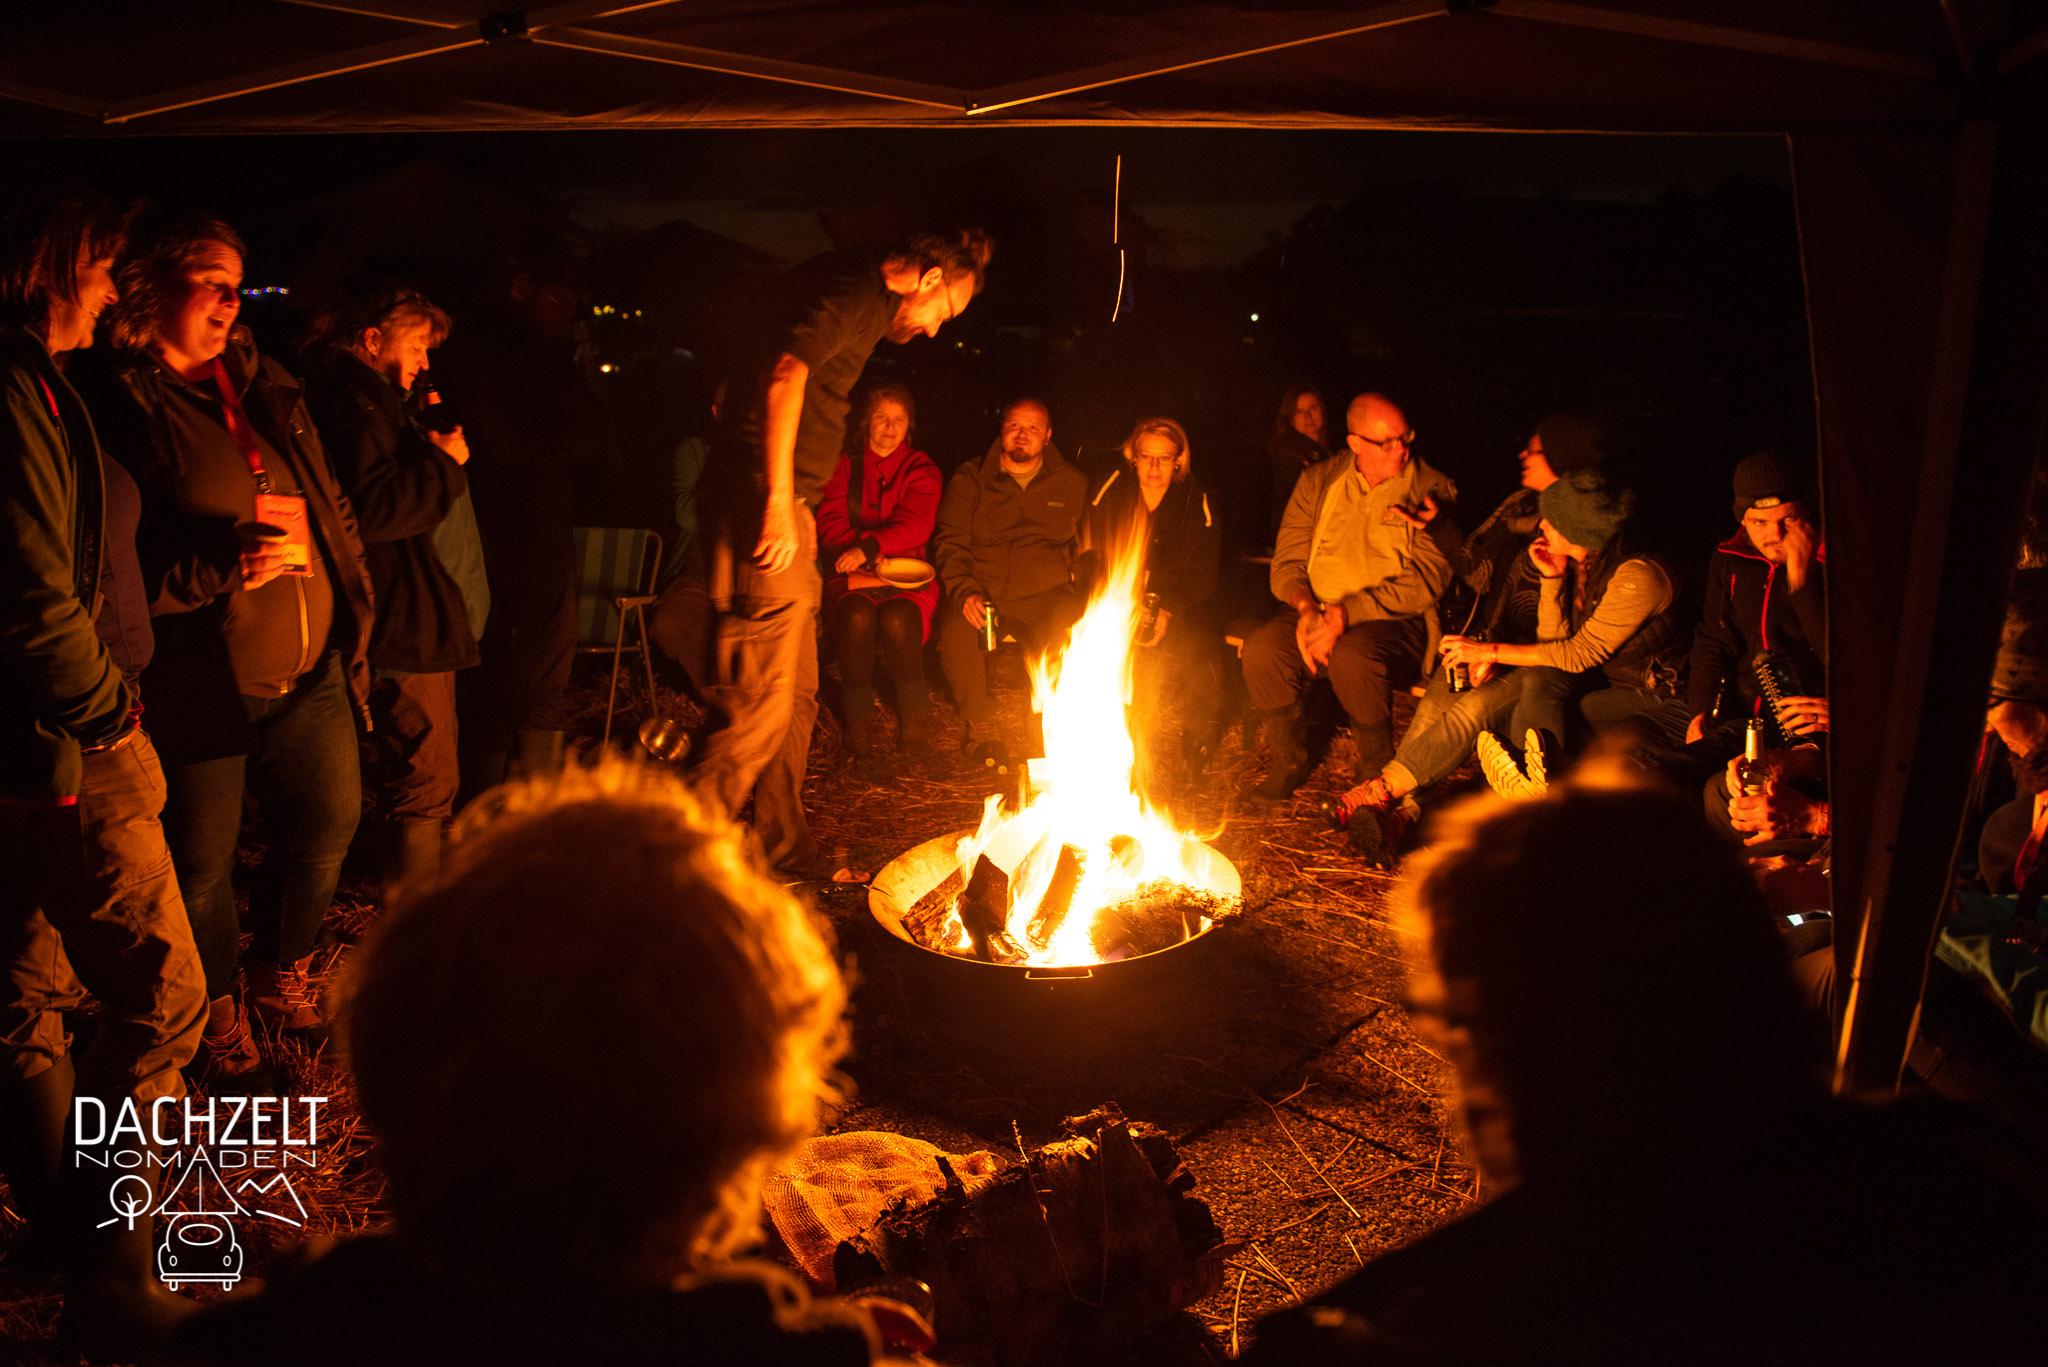 20140415-Dachzelt-Camp-Speciaal-Maik-Richter-DSC 4949